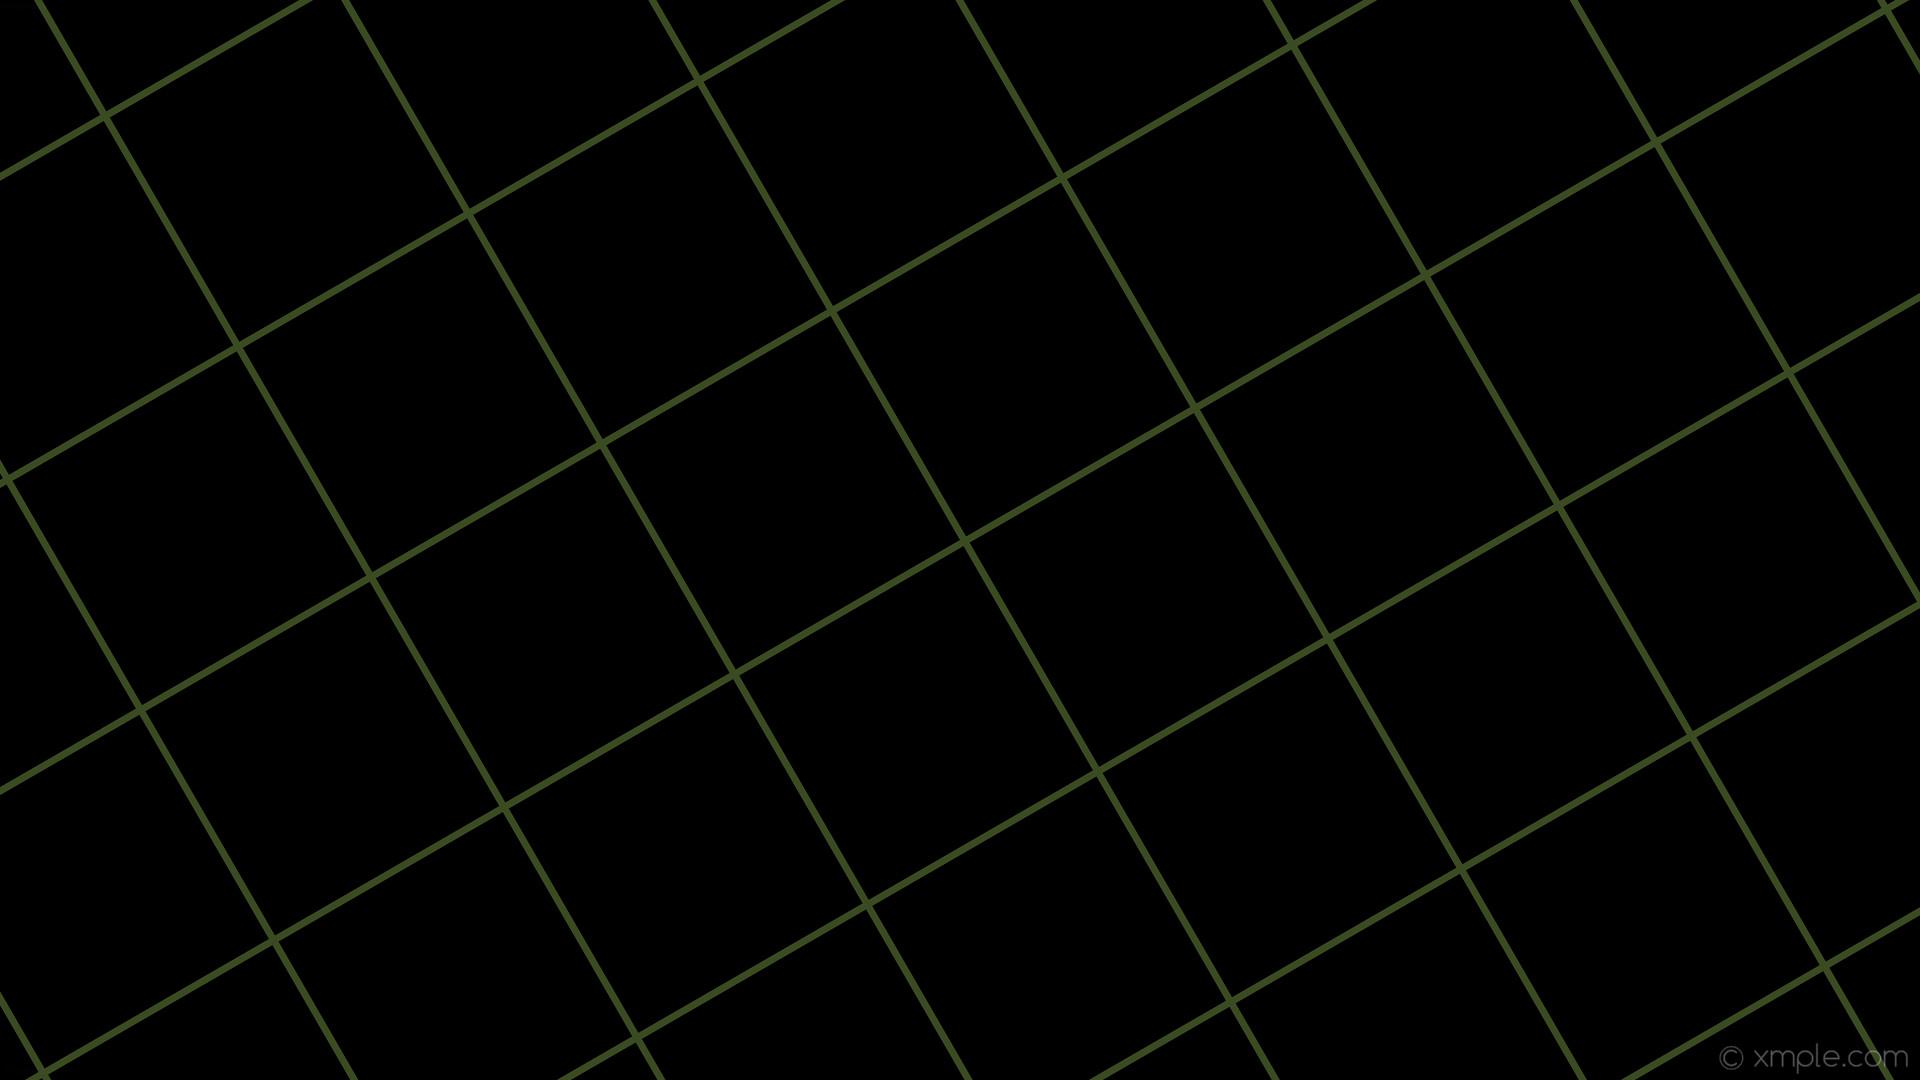 wallpaper graph paper green black grid dark olive green #000000 #556b2f 30°  7px